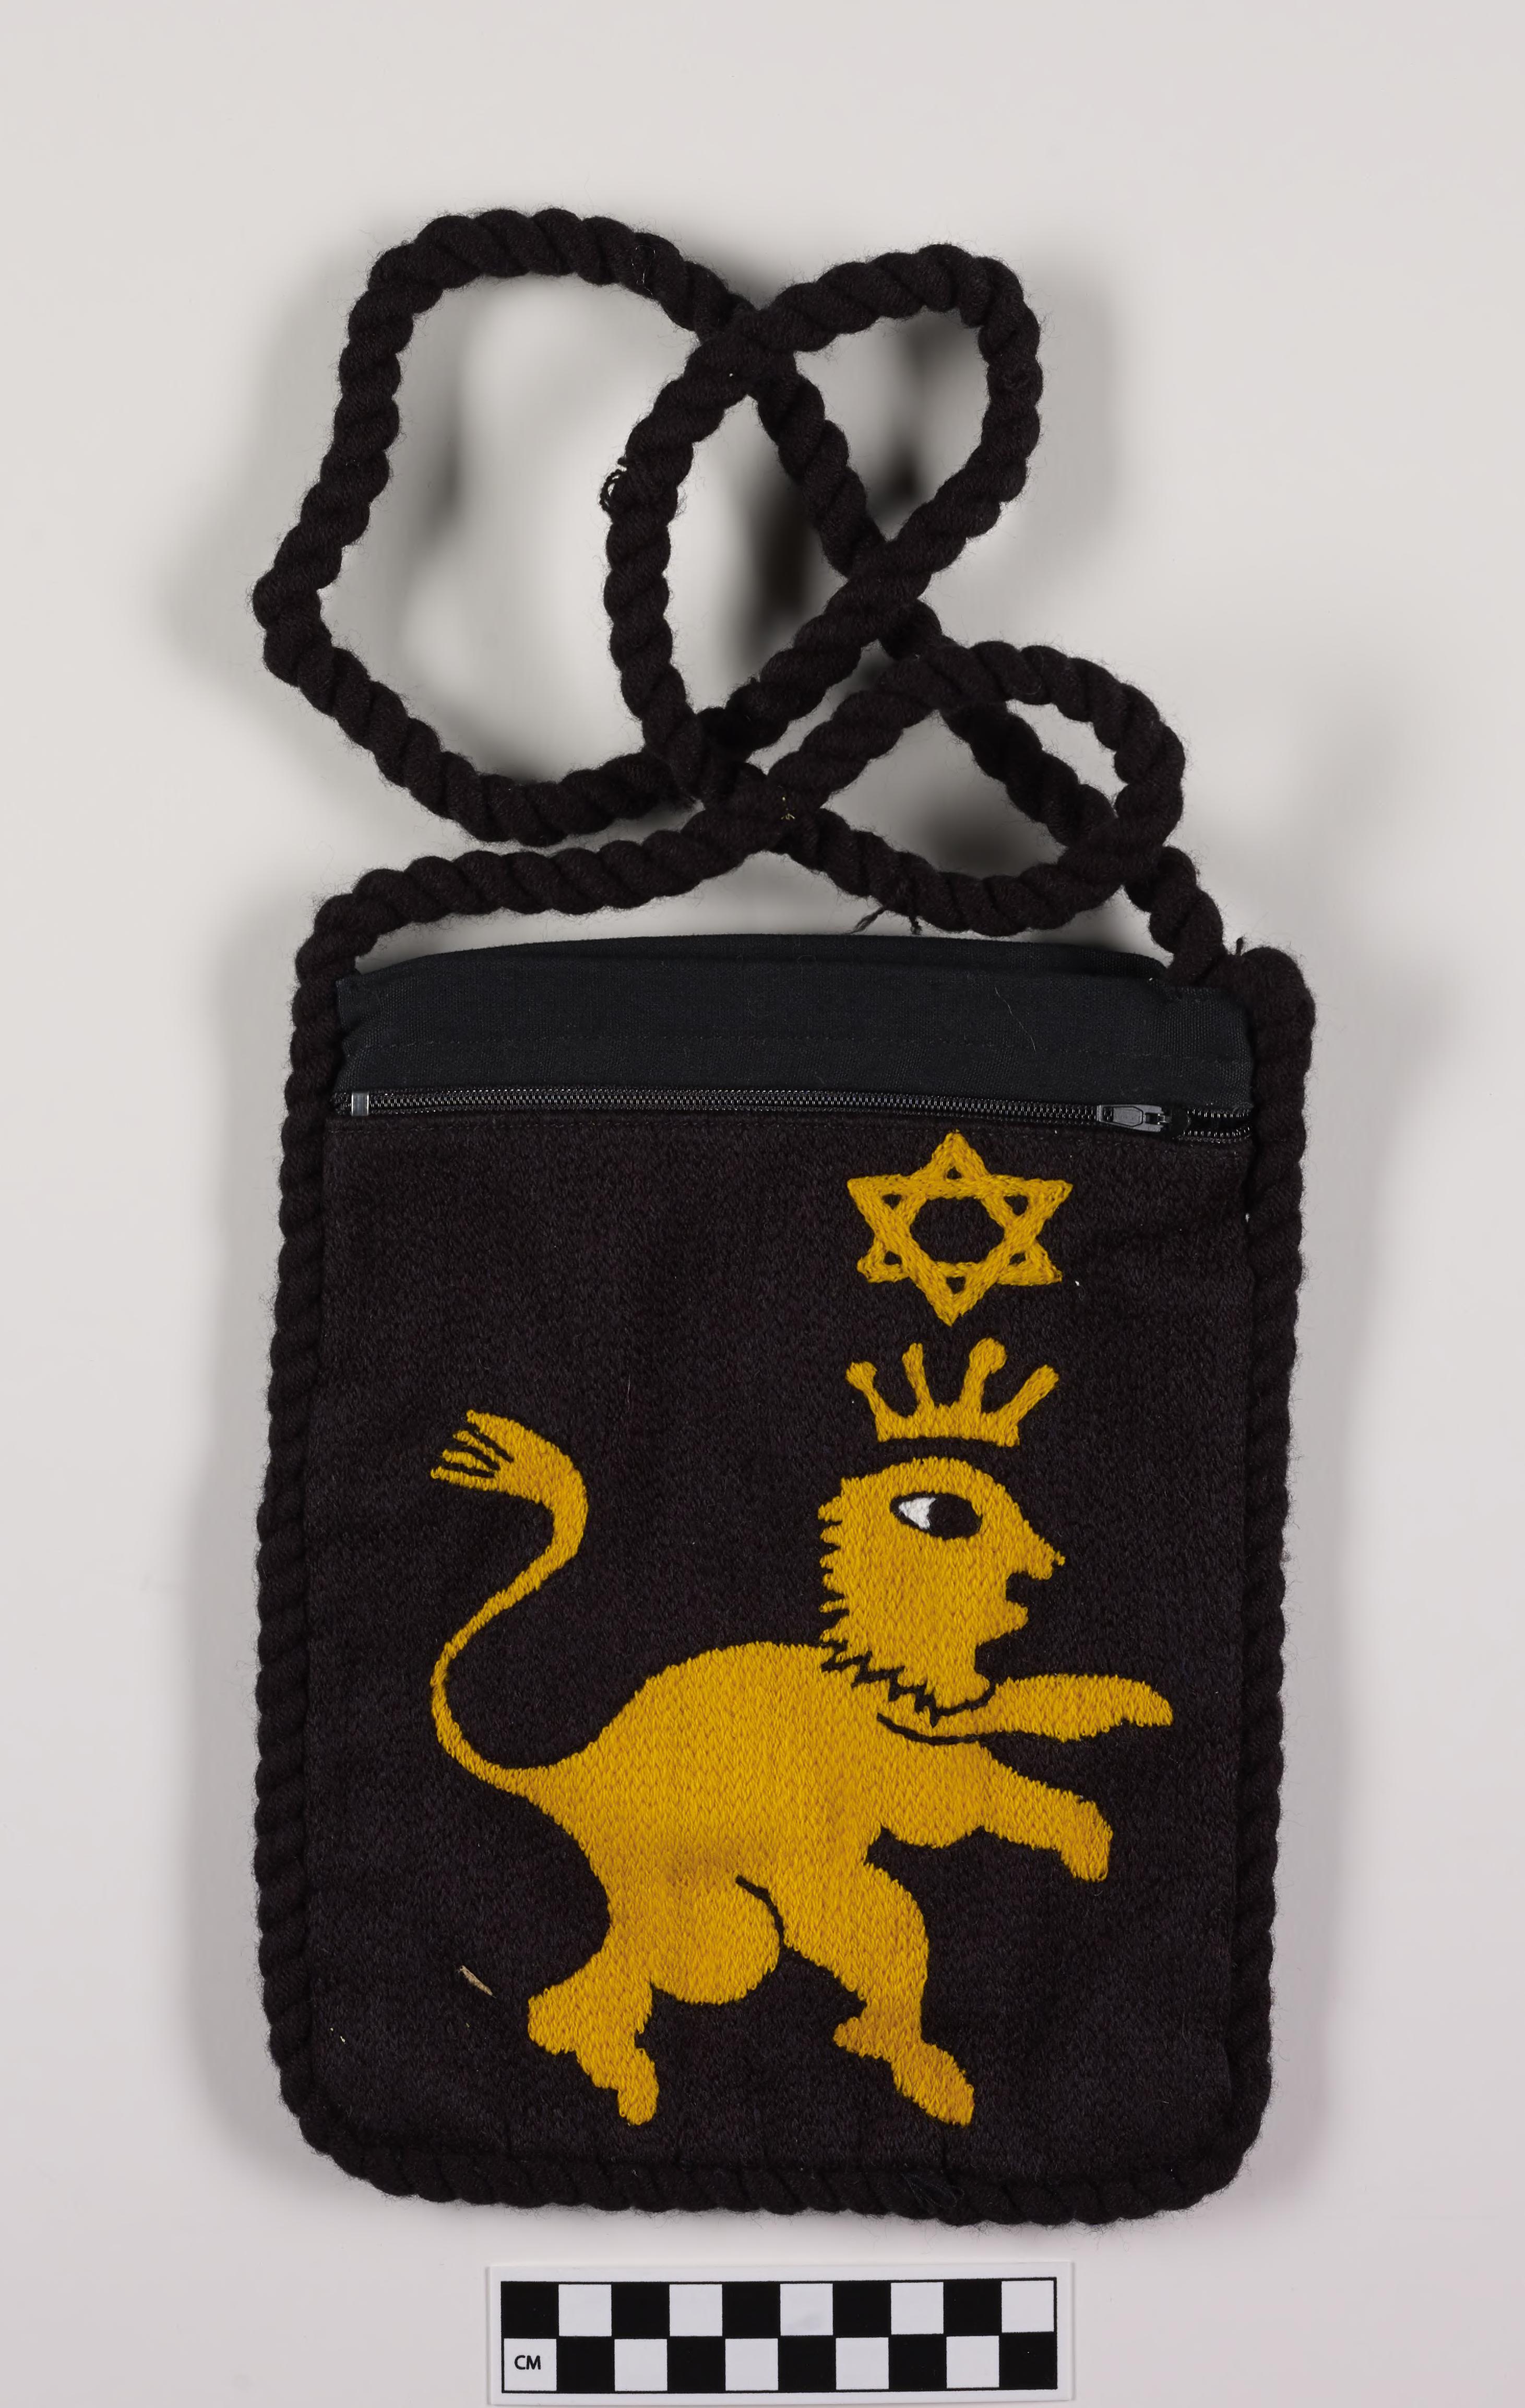 Jewish Heritage Collection: Shoulder bag